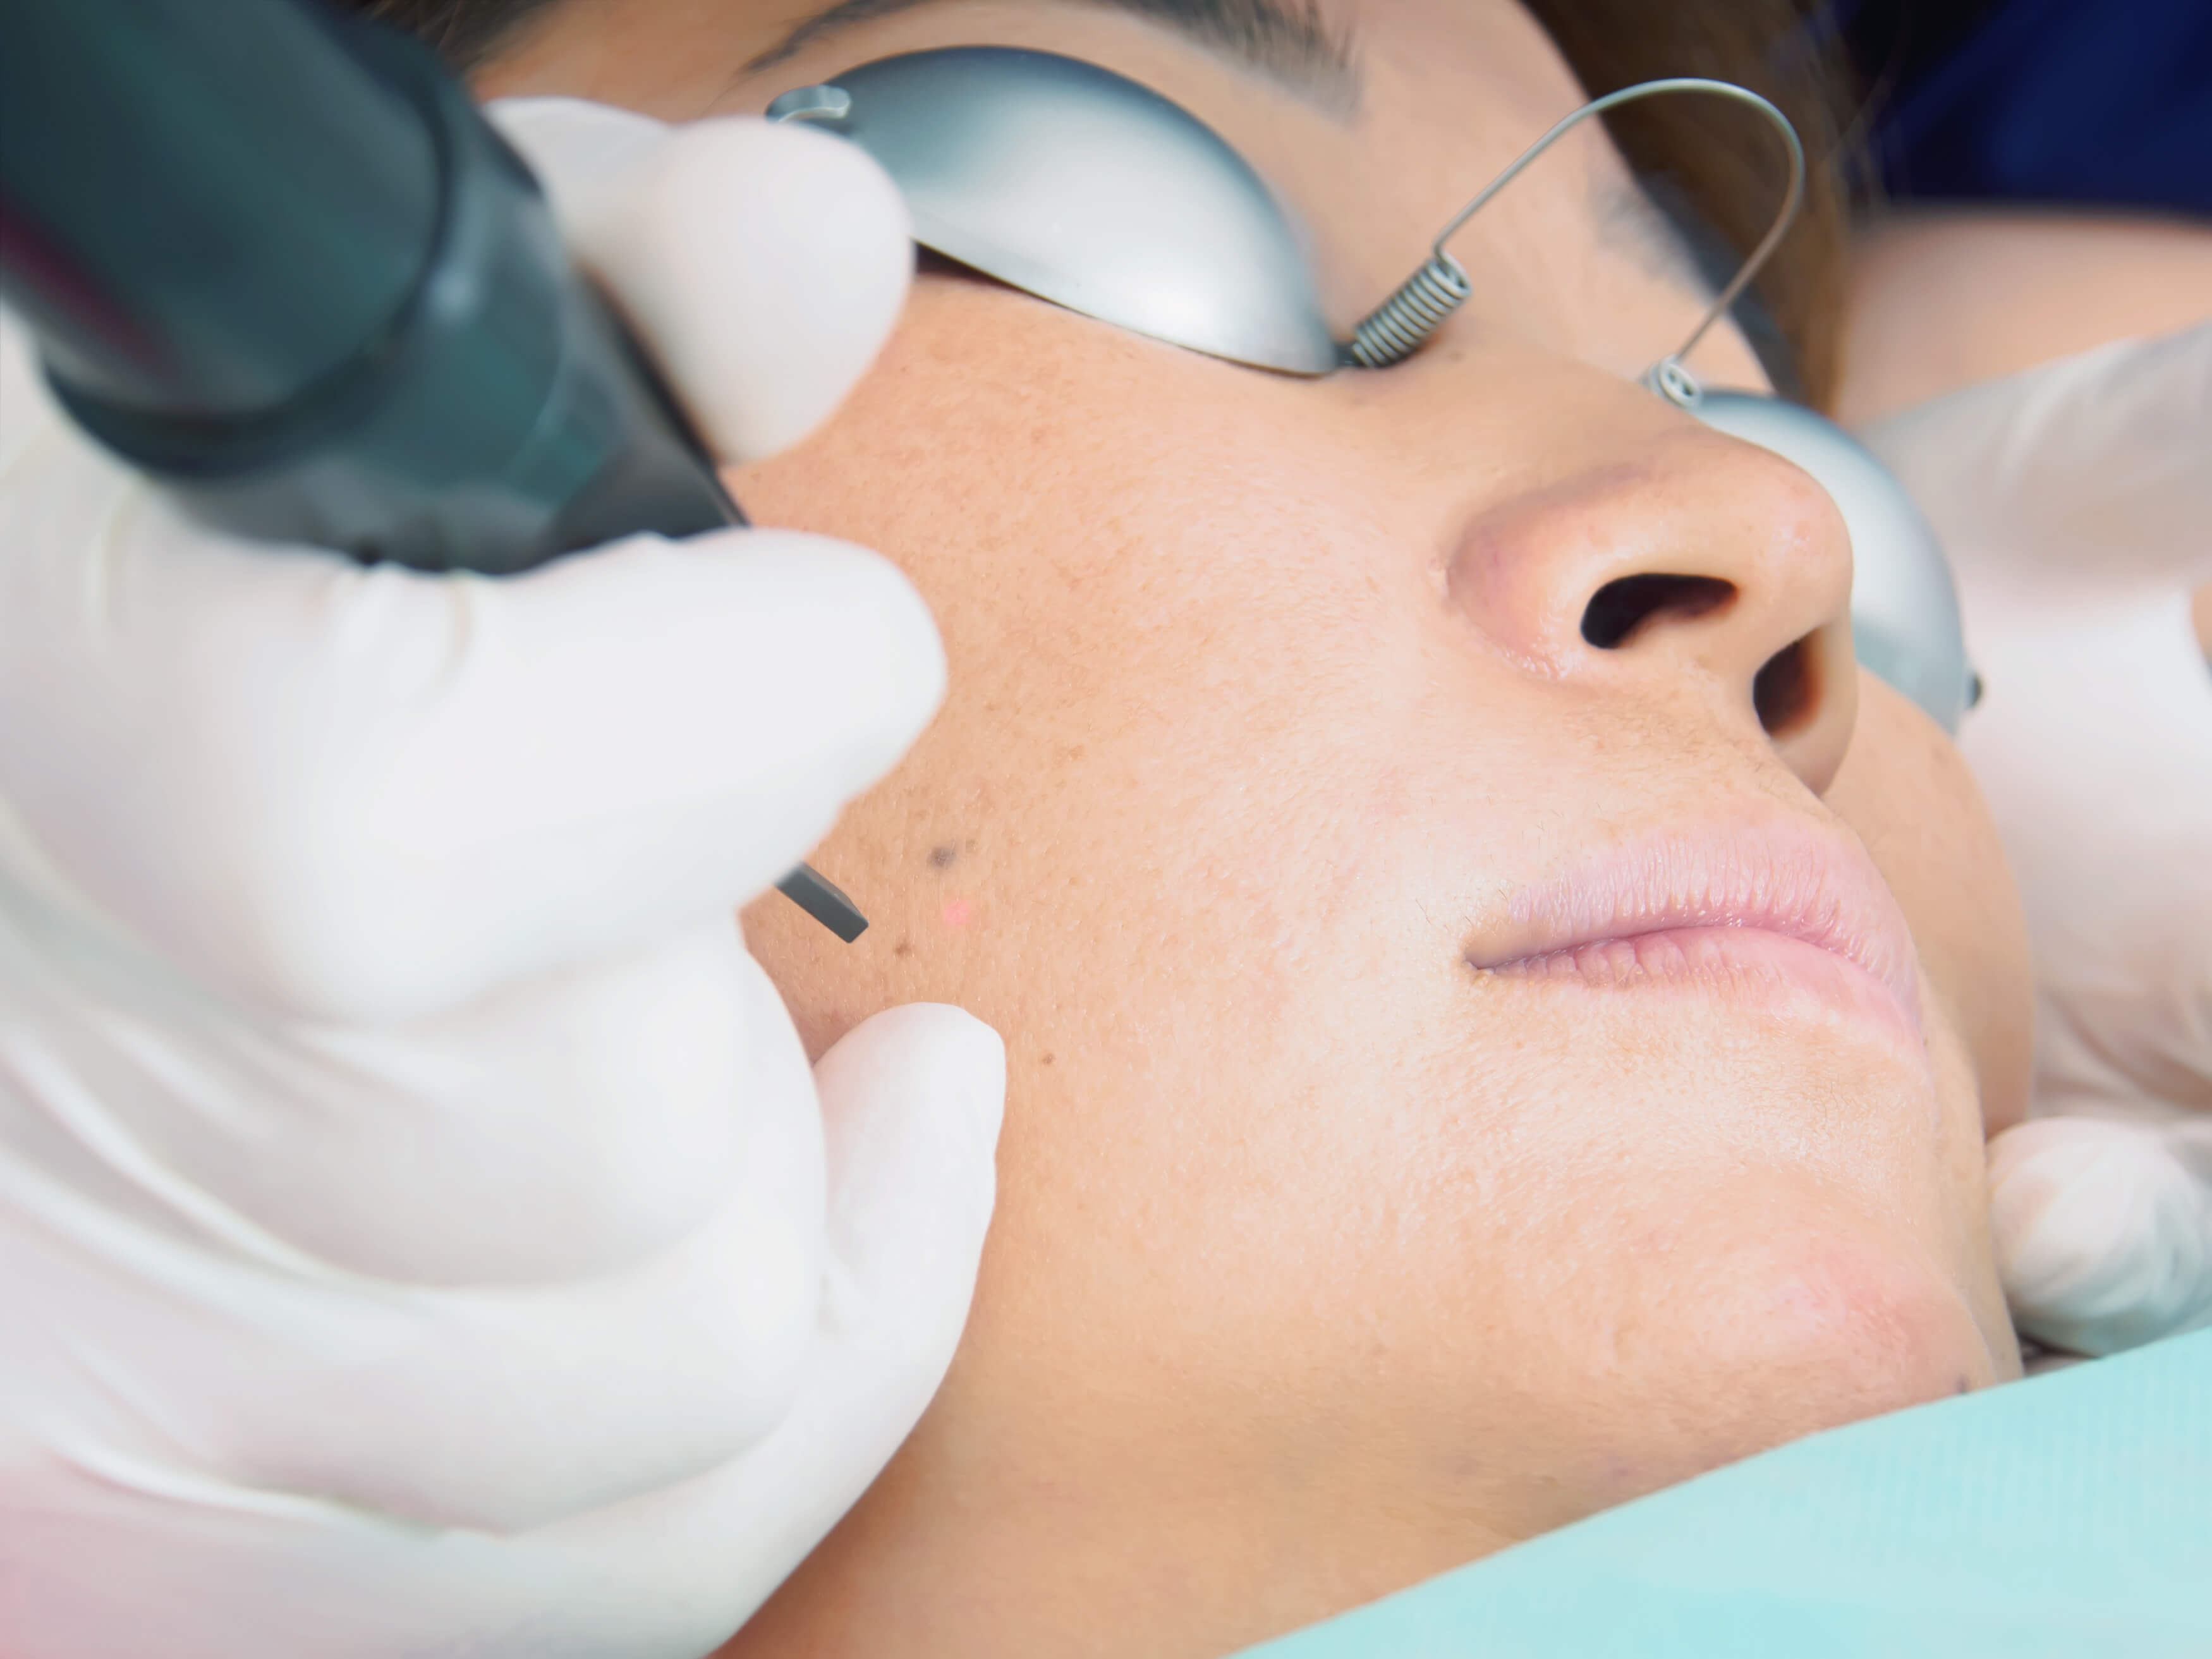 Asian woman patient on laser procedure skin resurfacing in aesthetic medicine